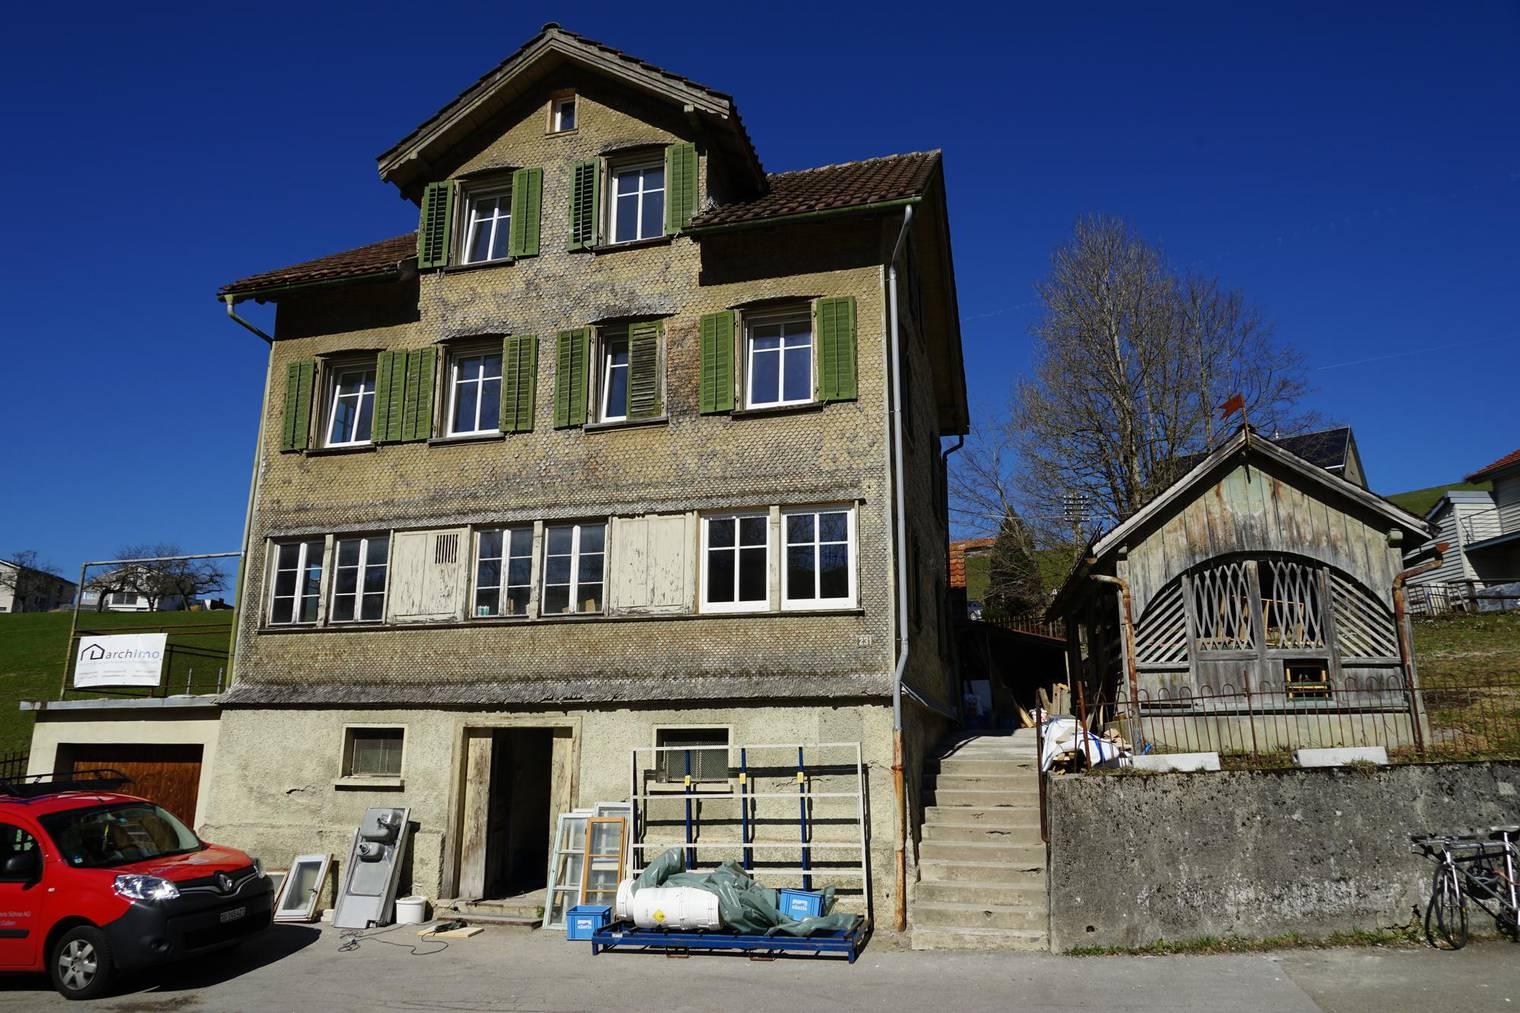 Die Bauarbeiten beim Restaurant «Waldegg am Bach» sind voll im Gang. (Bild: St. Galler Tagblatt/ Sandro Büchler)